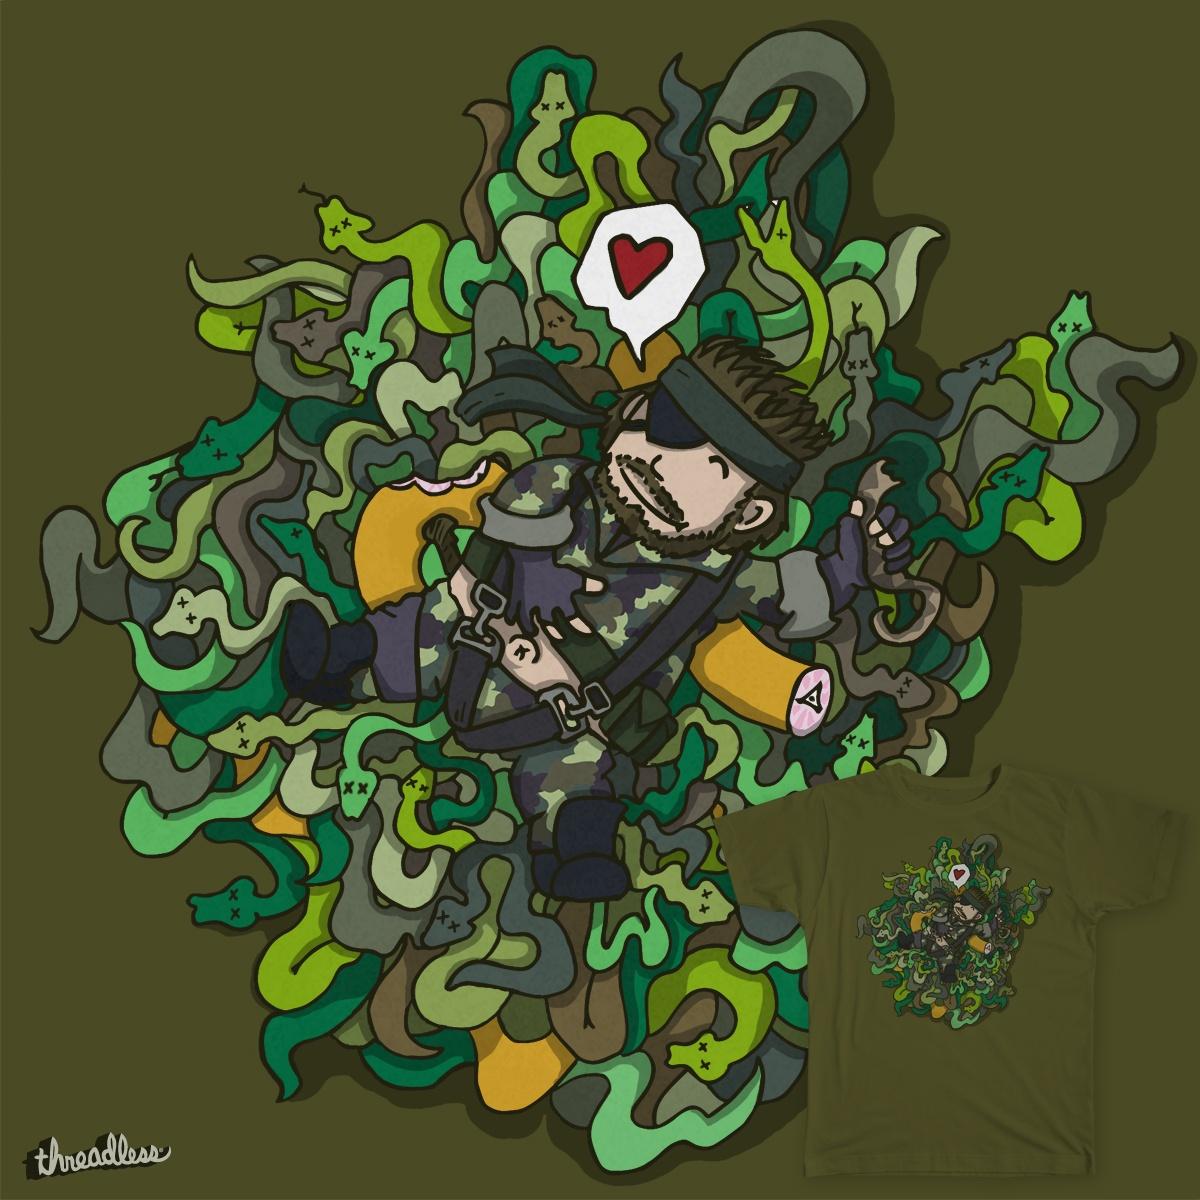 Snake Eater by ProobEdu on Threadless